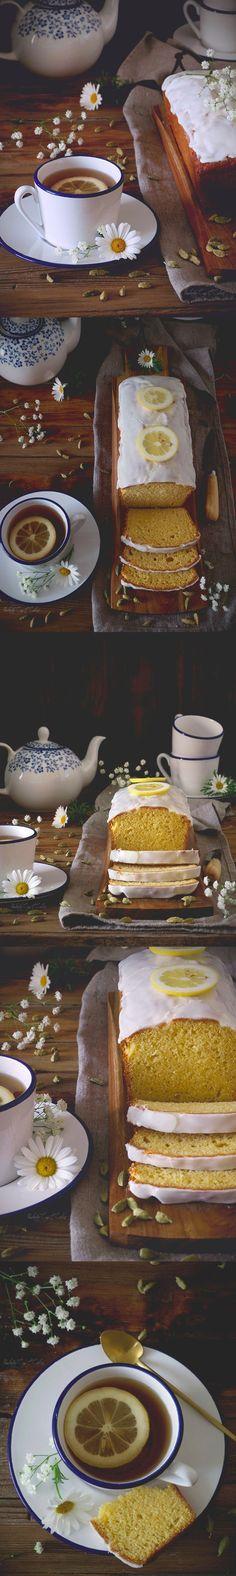 bizcocho de limón y cardamomo / http://pemberleycupandcakes.com